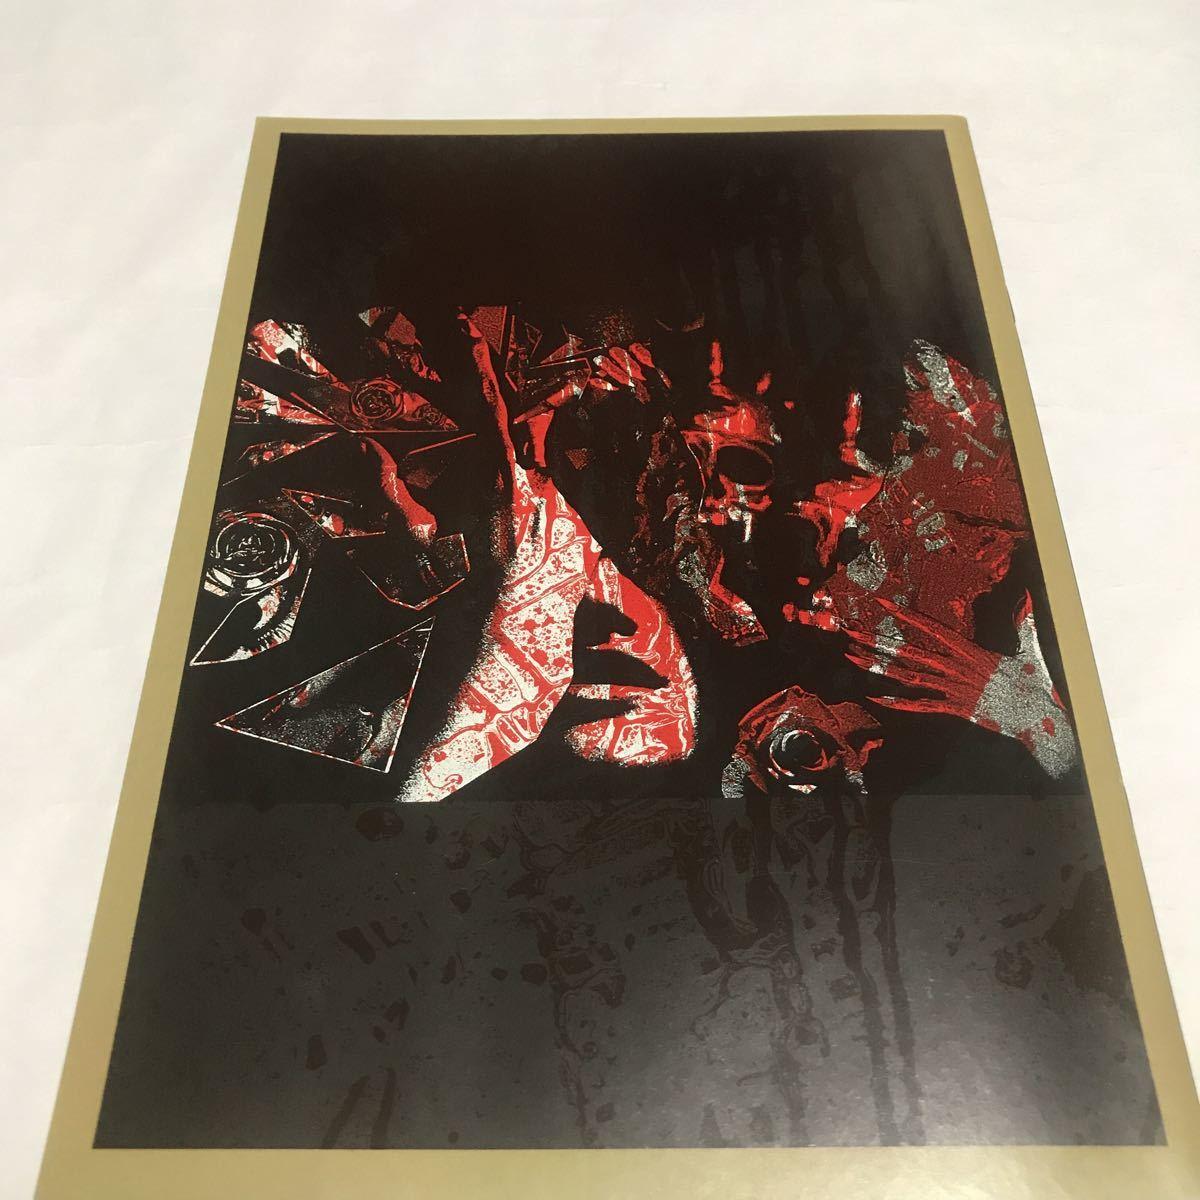 【非売品】X JAPAN X Press Vol.9 FC会報 ファンクラブ グッズ hide Toshl TAIJI PATA Heath xjapan YOSHIKI エックス ジャパメタ sugizo_画像2